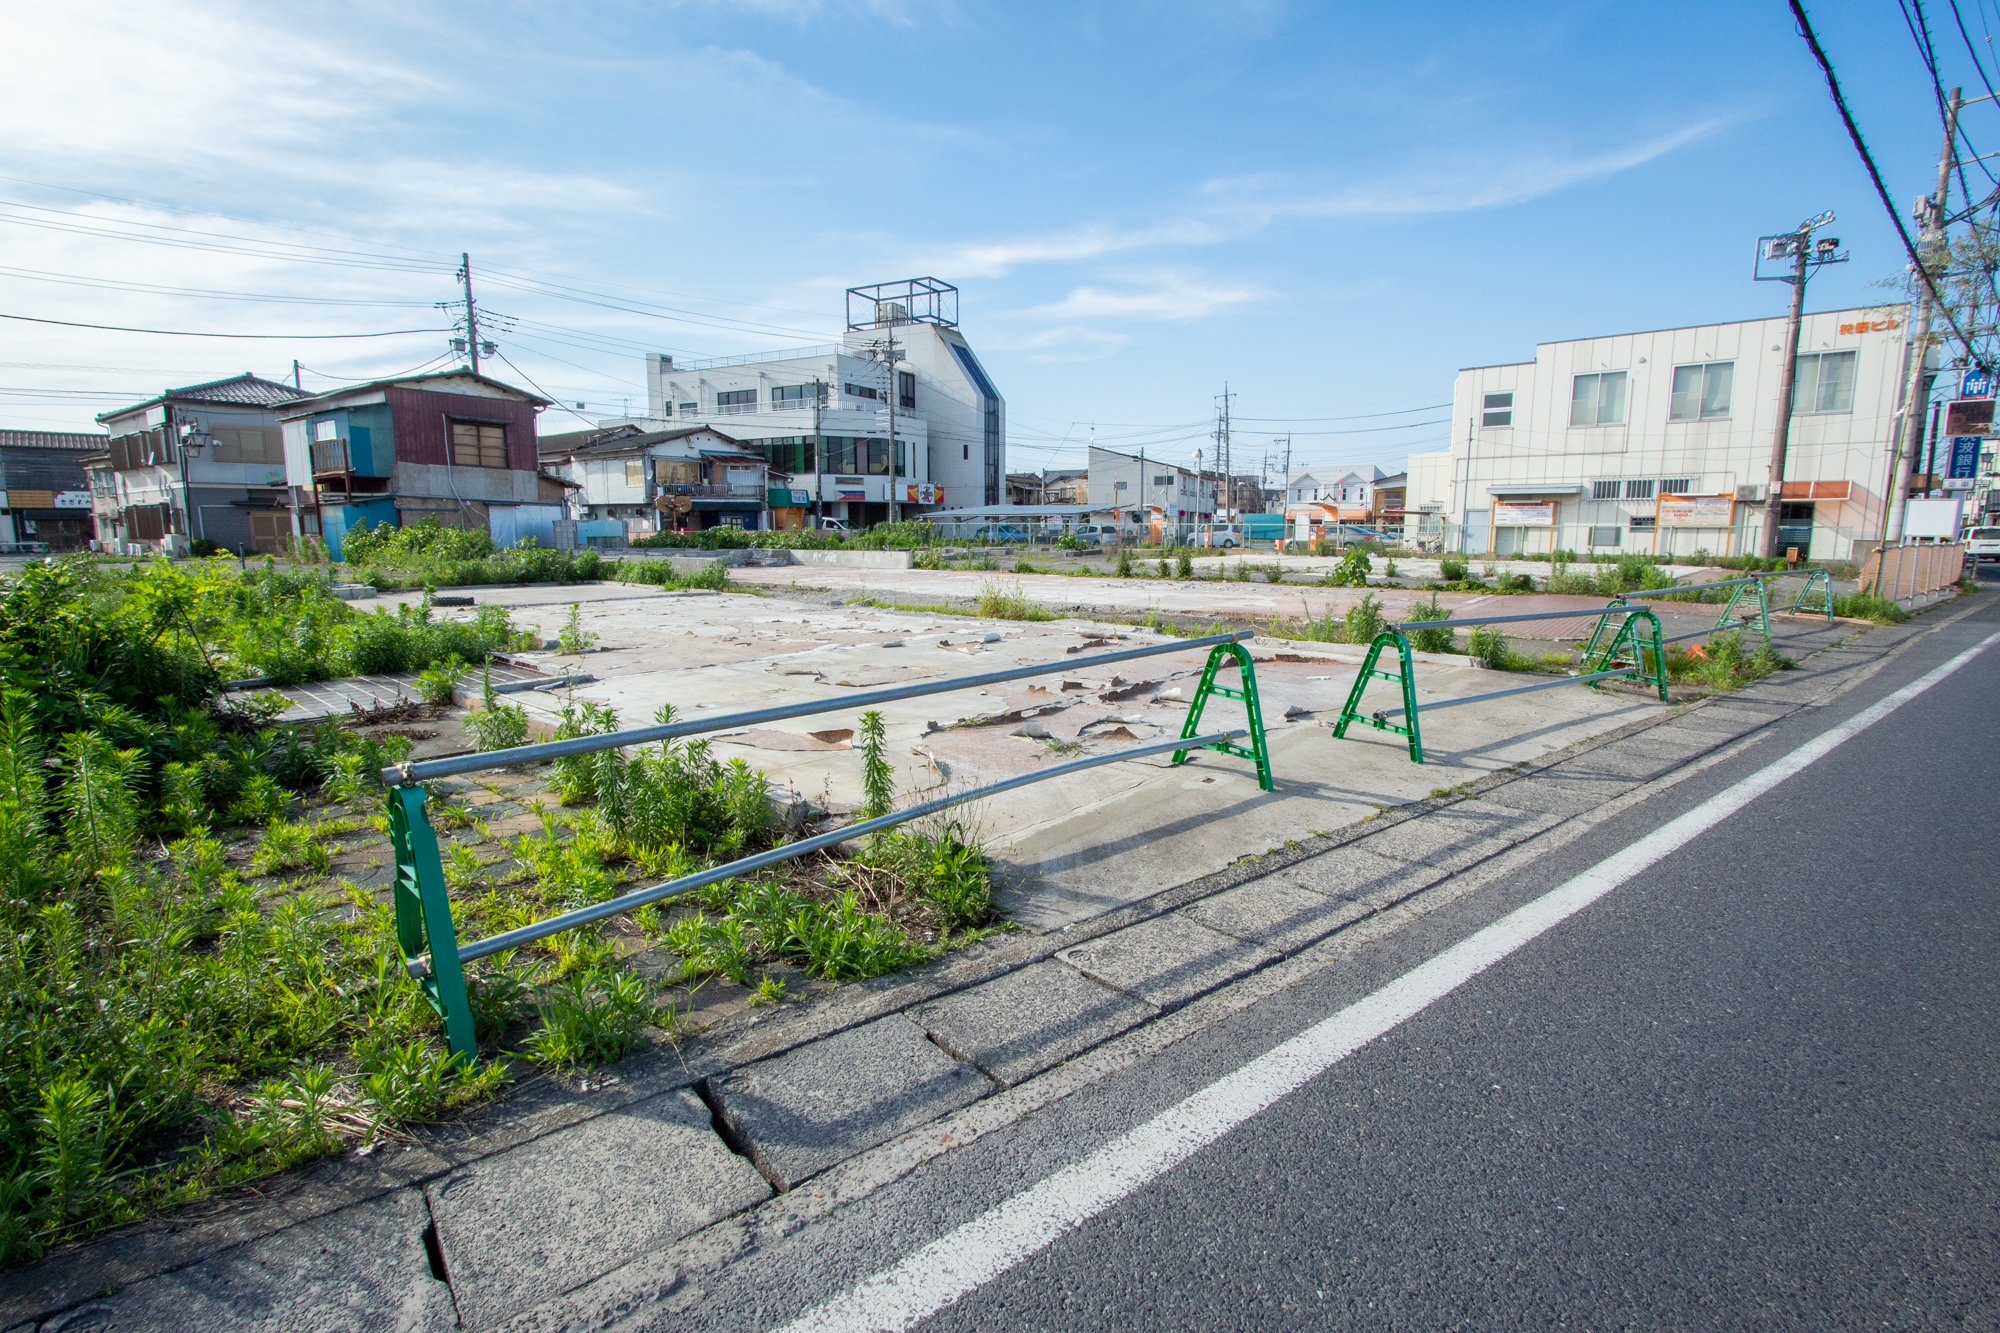 f:id:akichiniiko:20200530213814j:plain